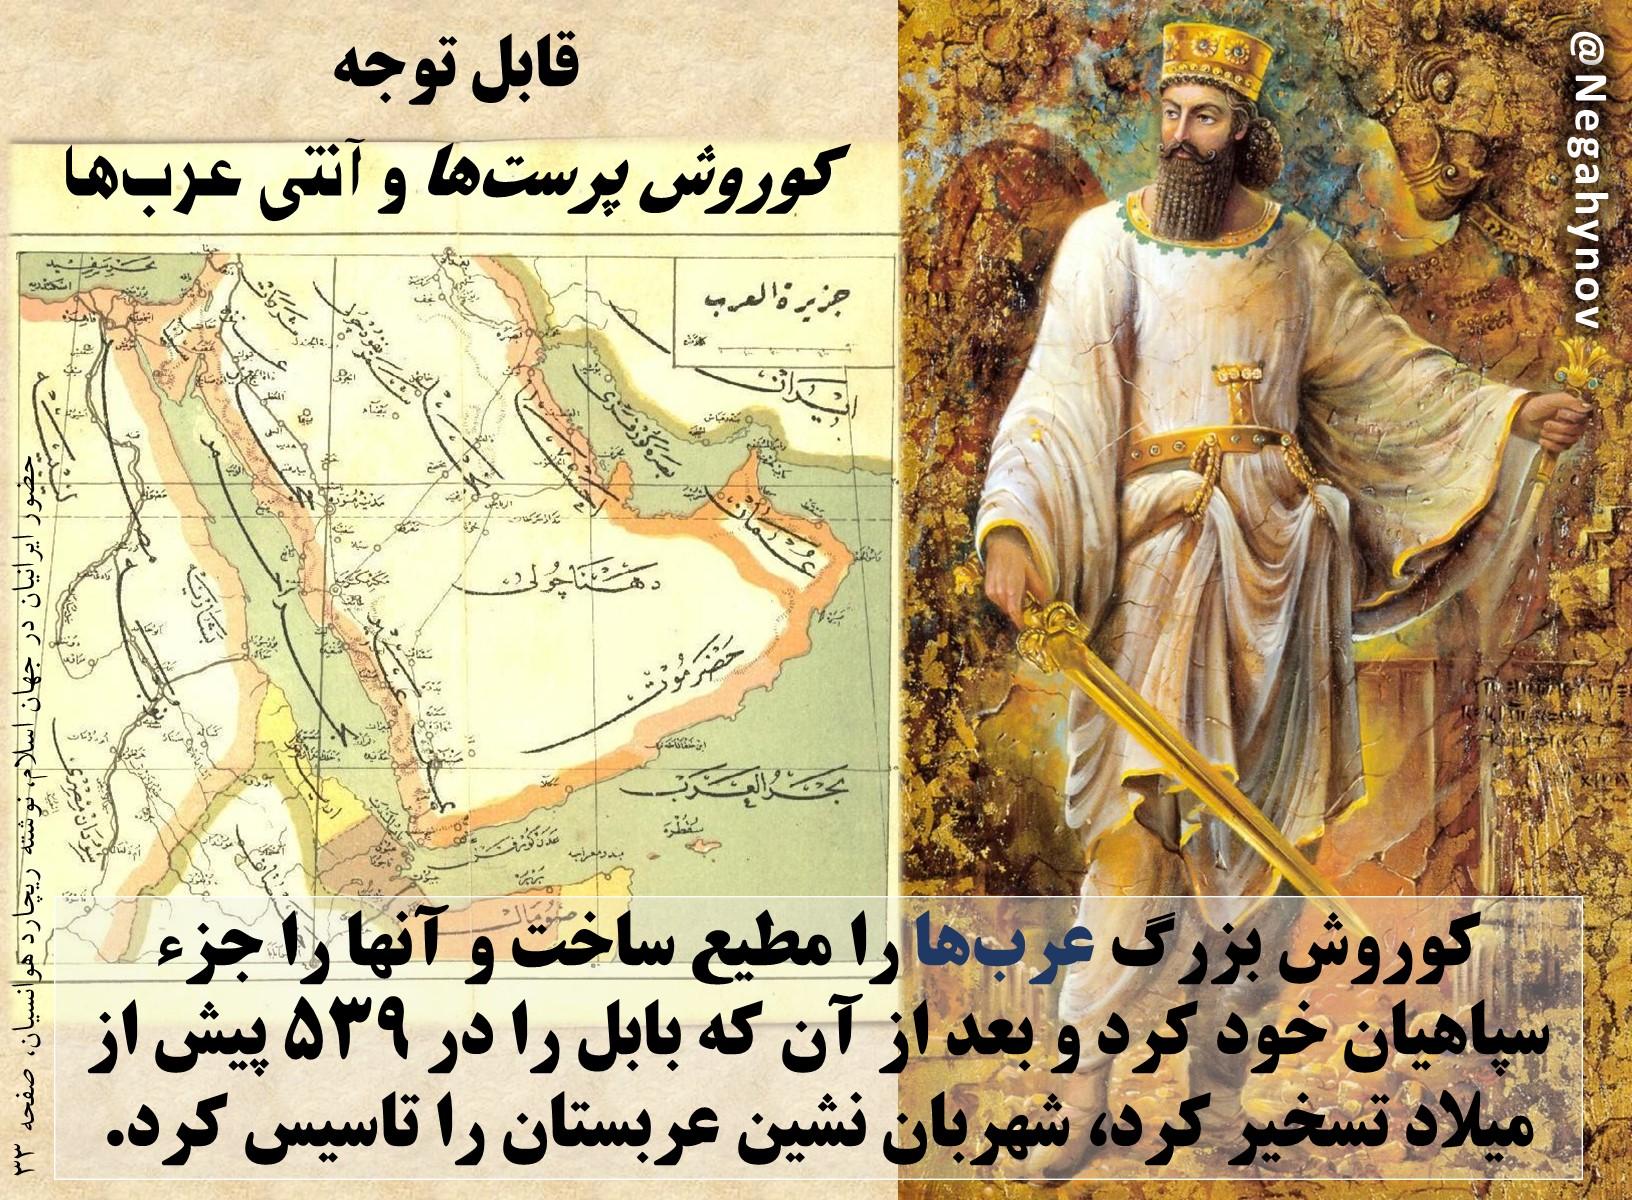 کوروش و عرب ها - نگاهی نو